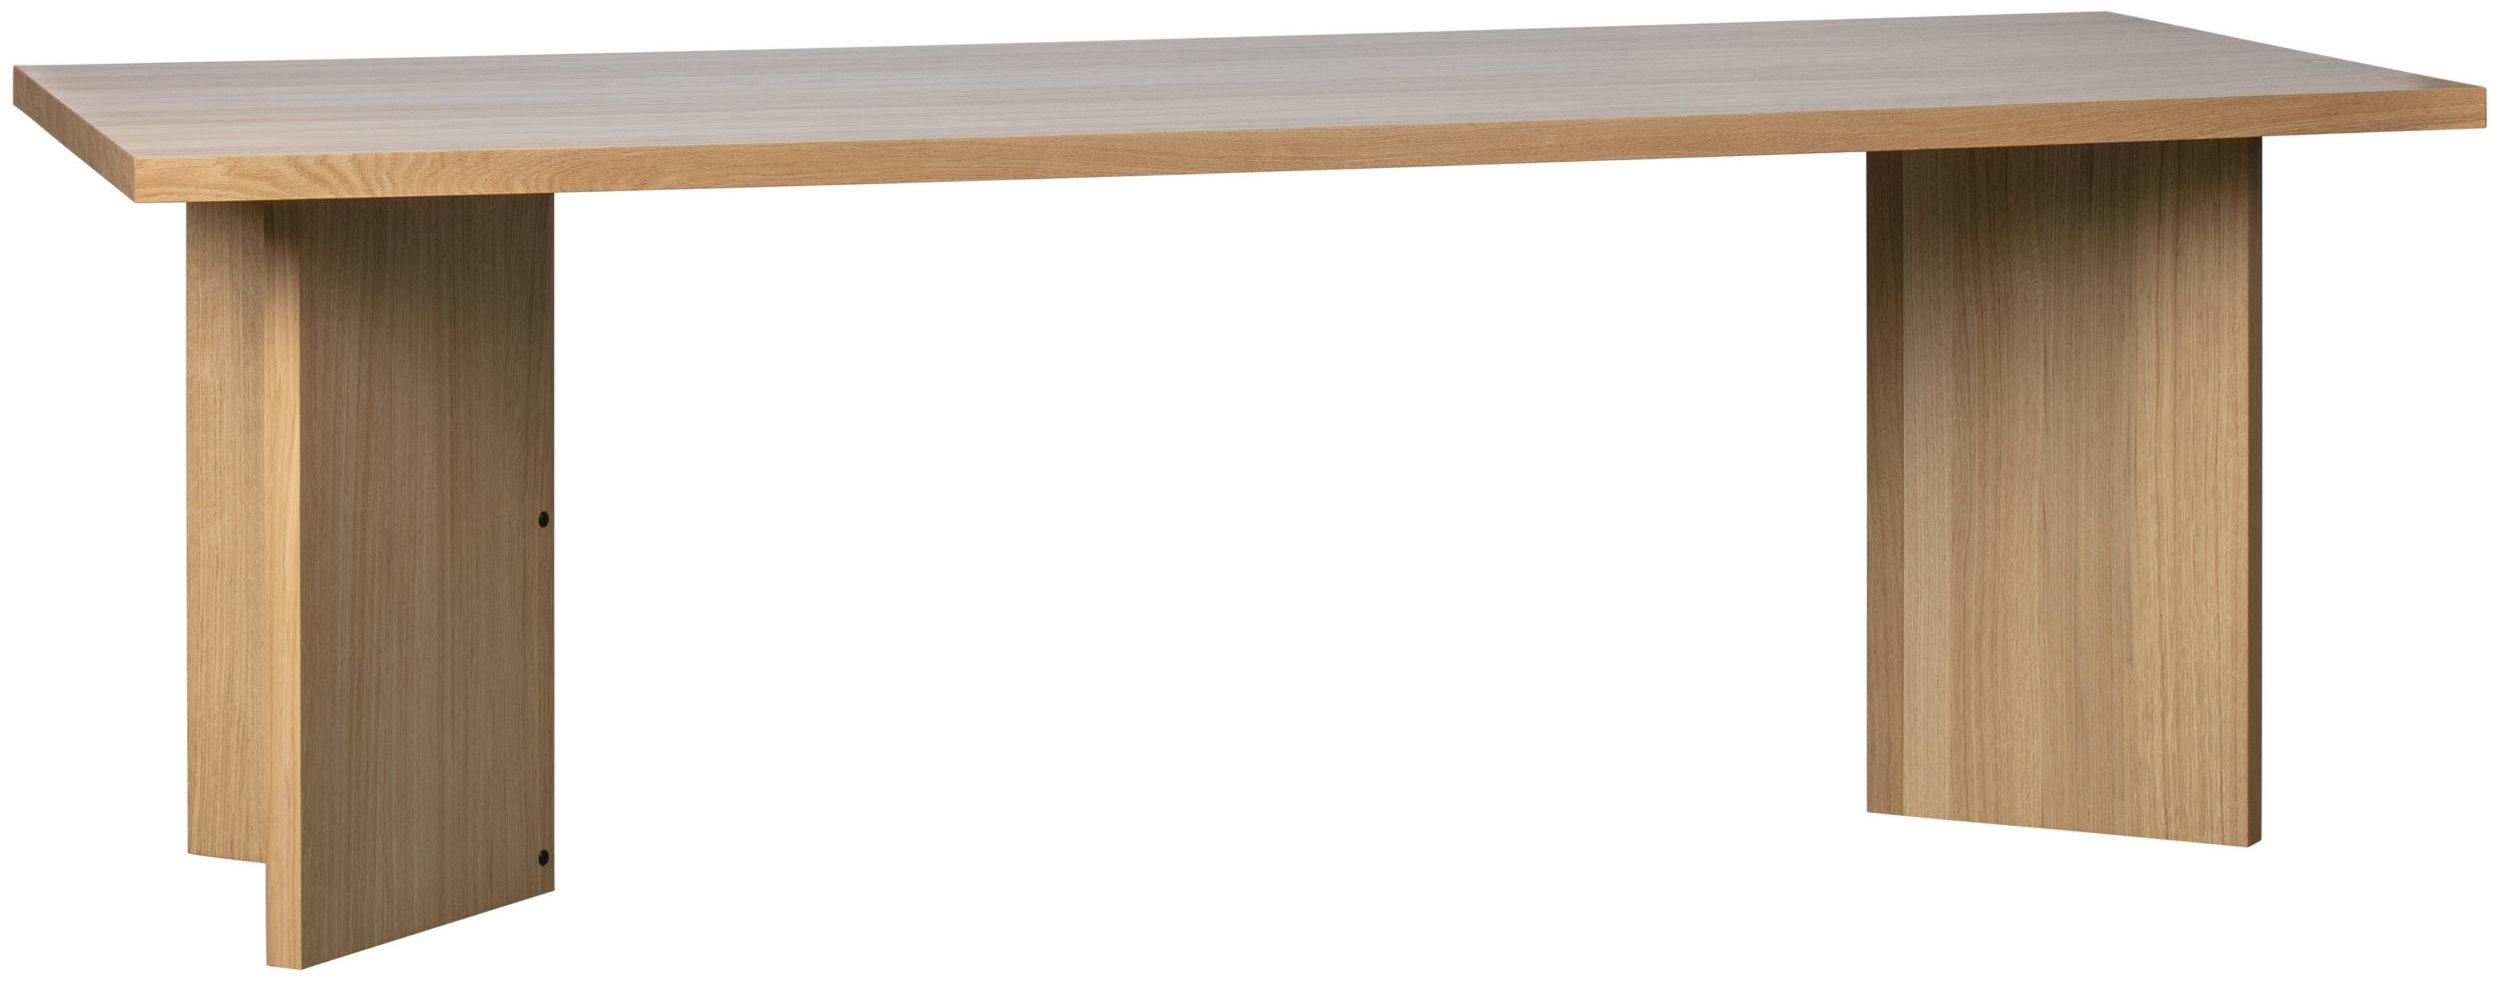 Angle Eettafel - Eiken